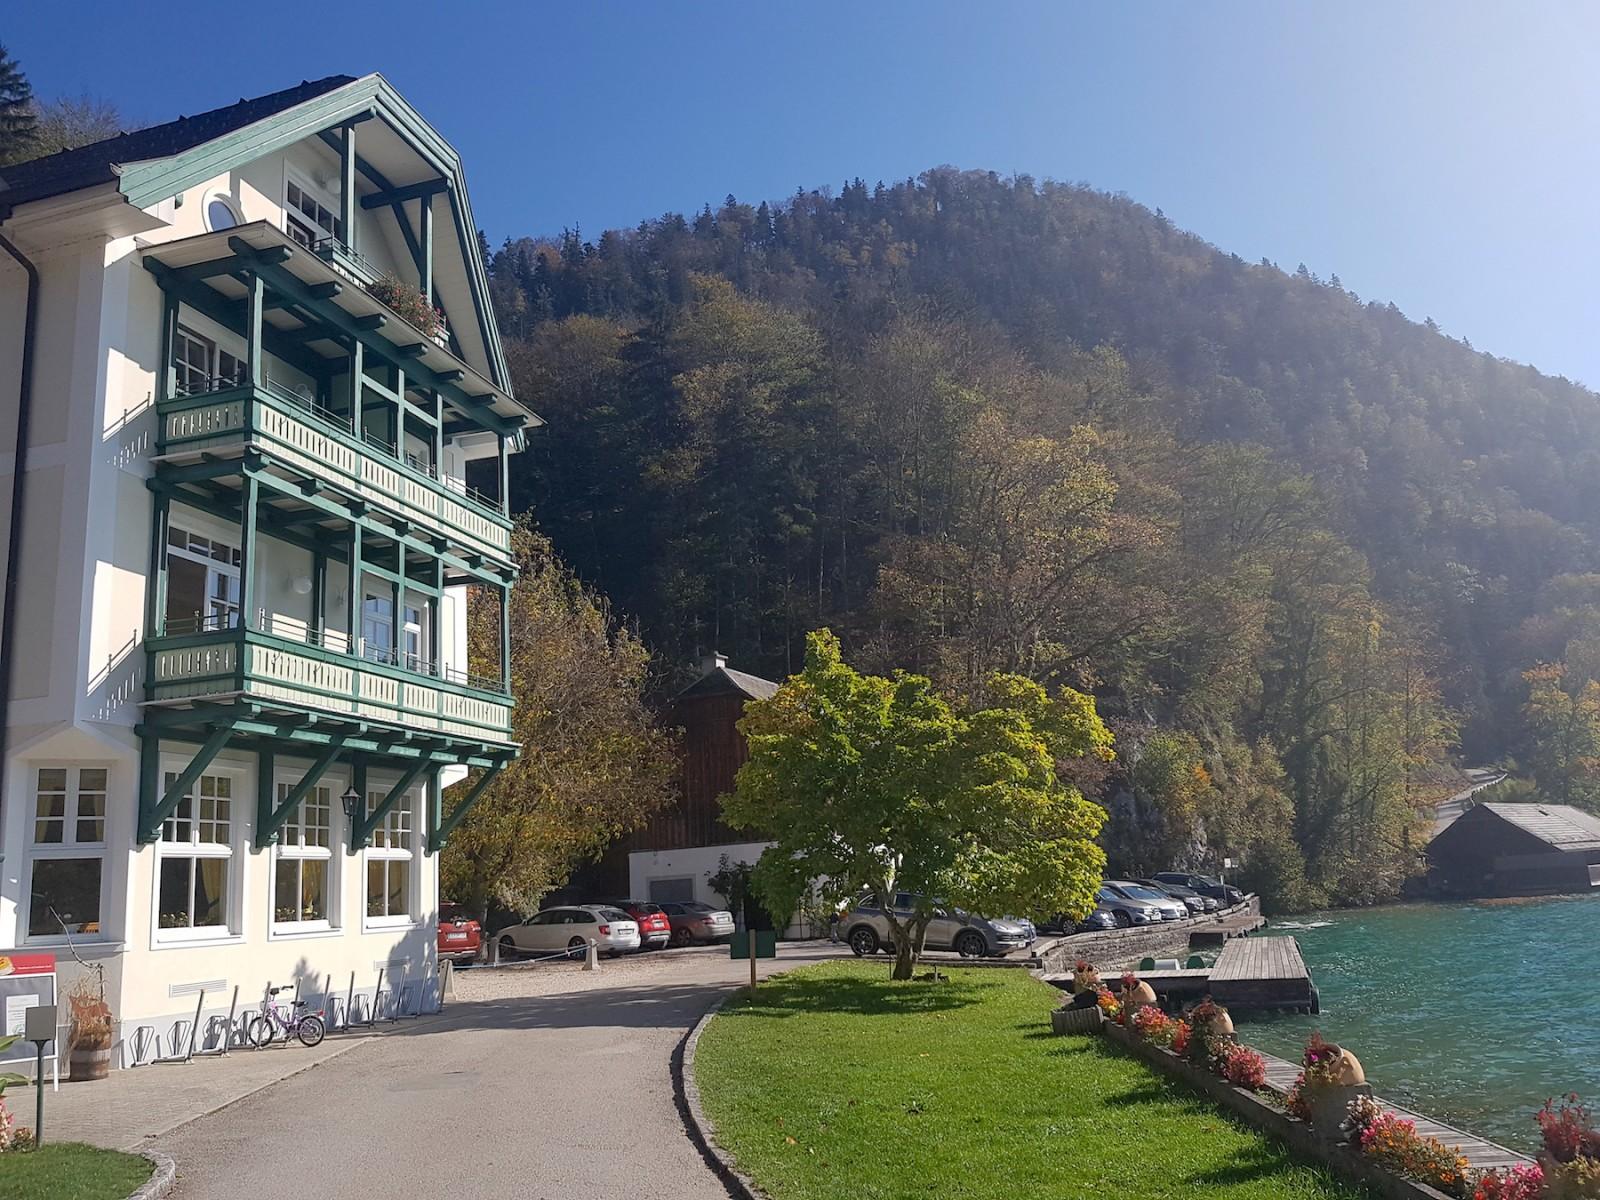 ... und übrigens auch ein Hotel.